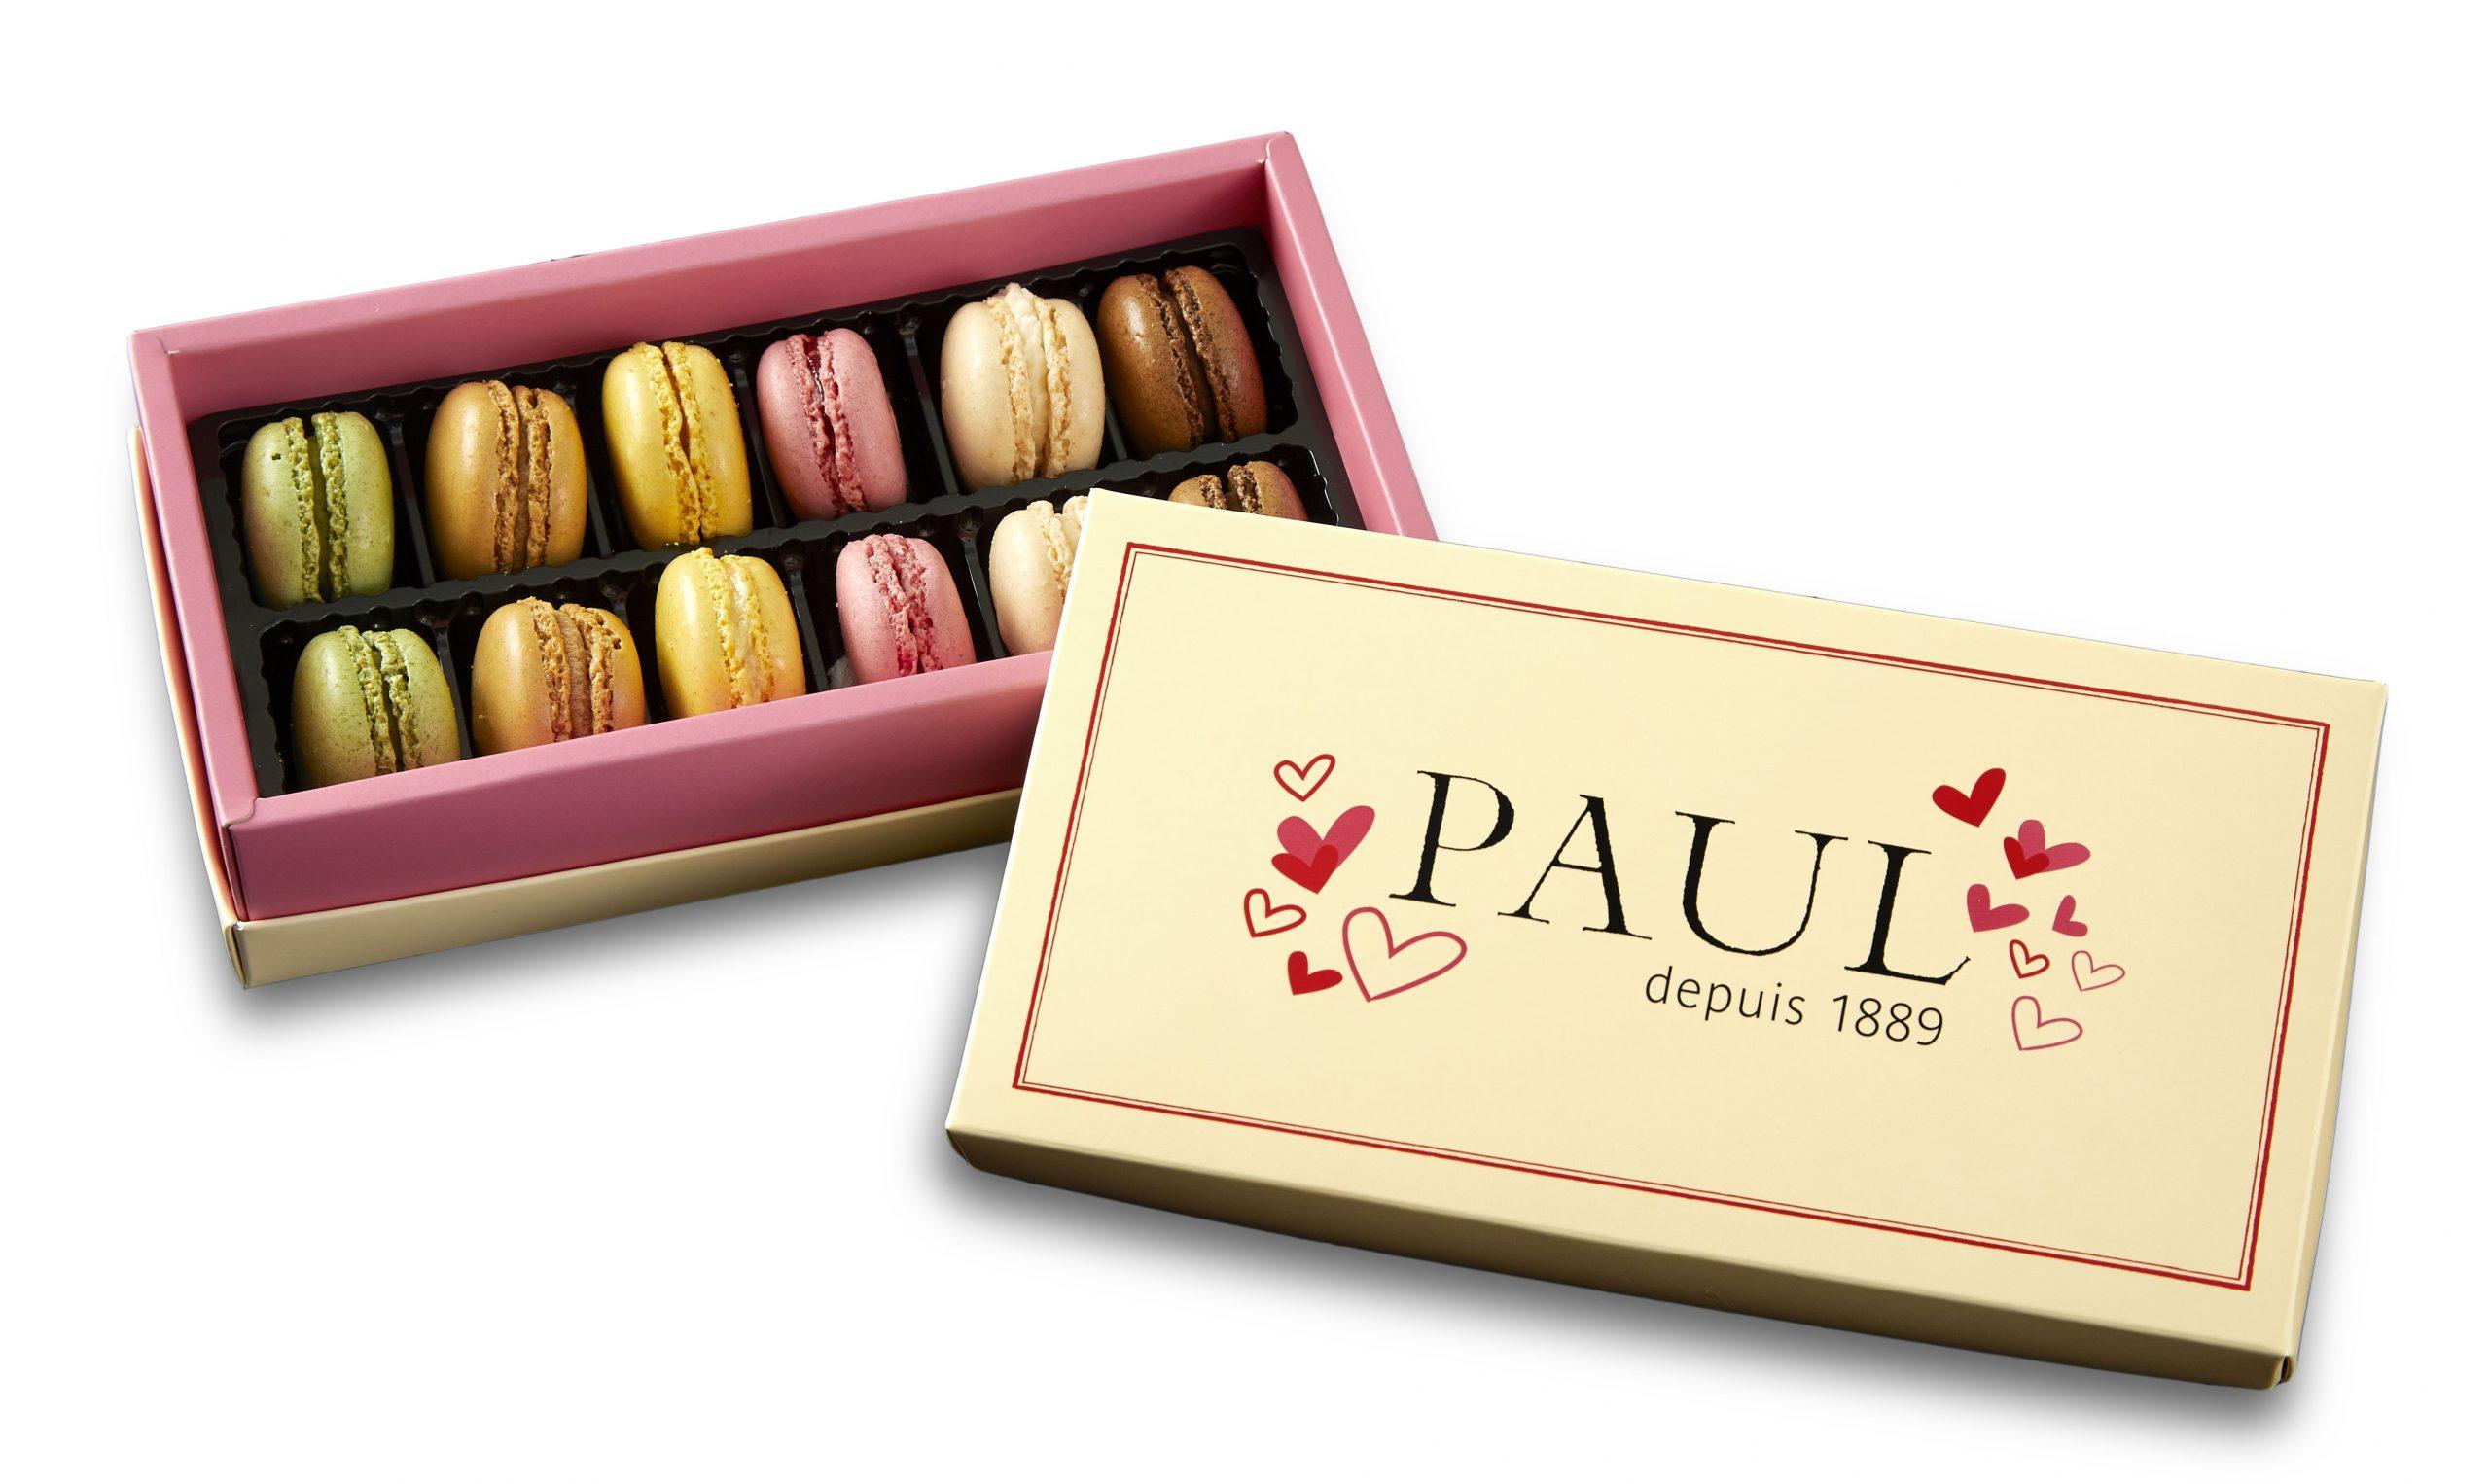 巴黎甜心馬卡紅禮盒 Paris Macaron Gift Box